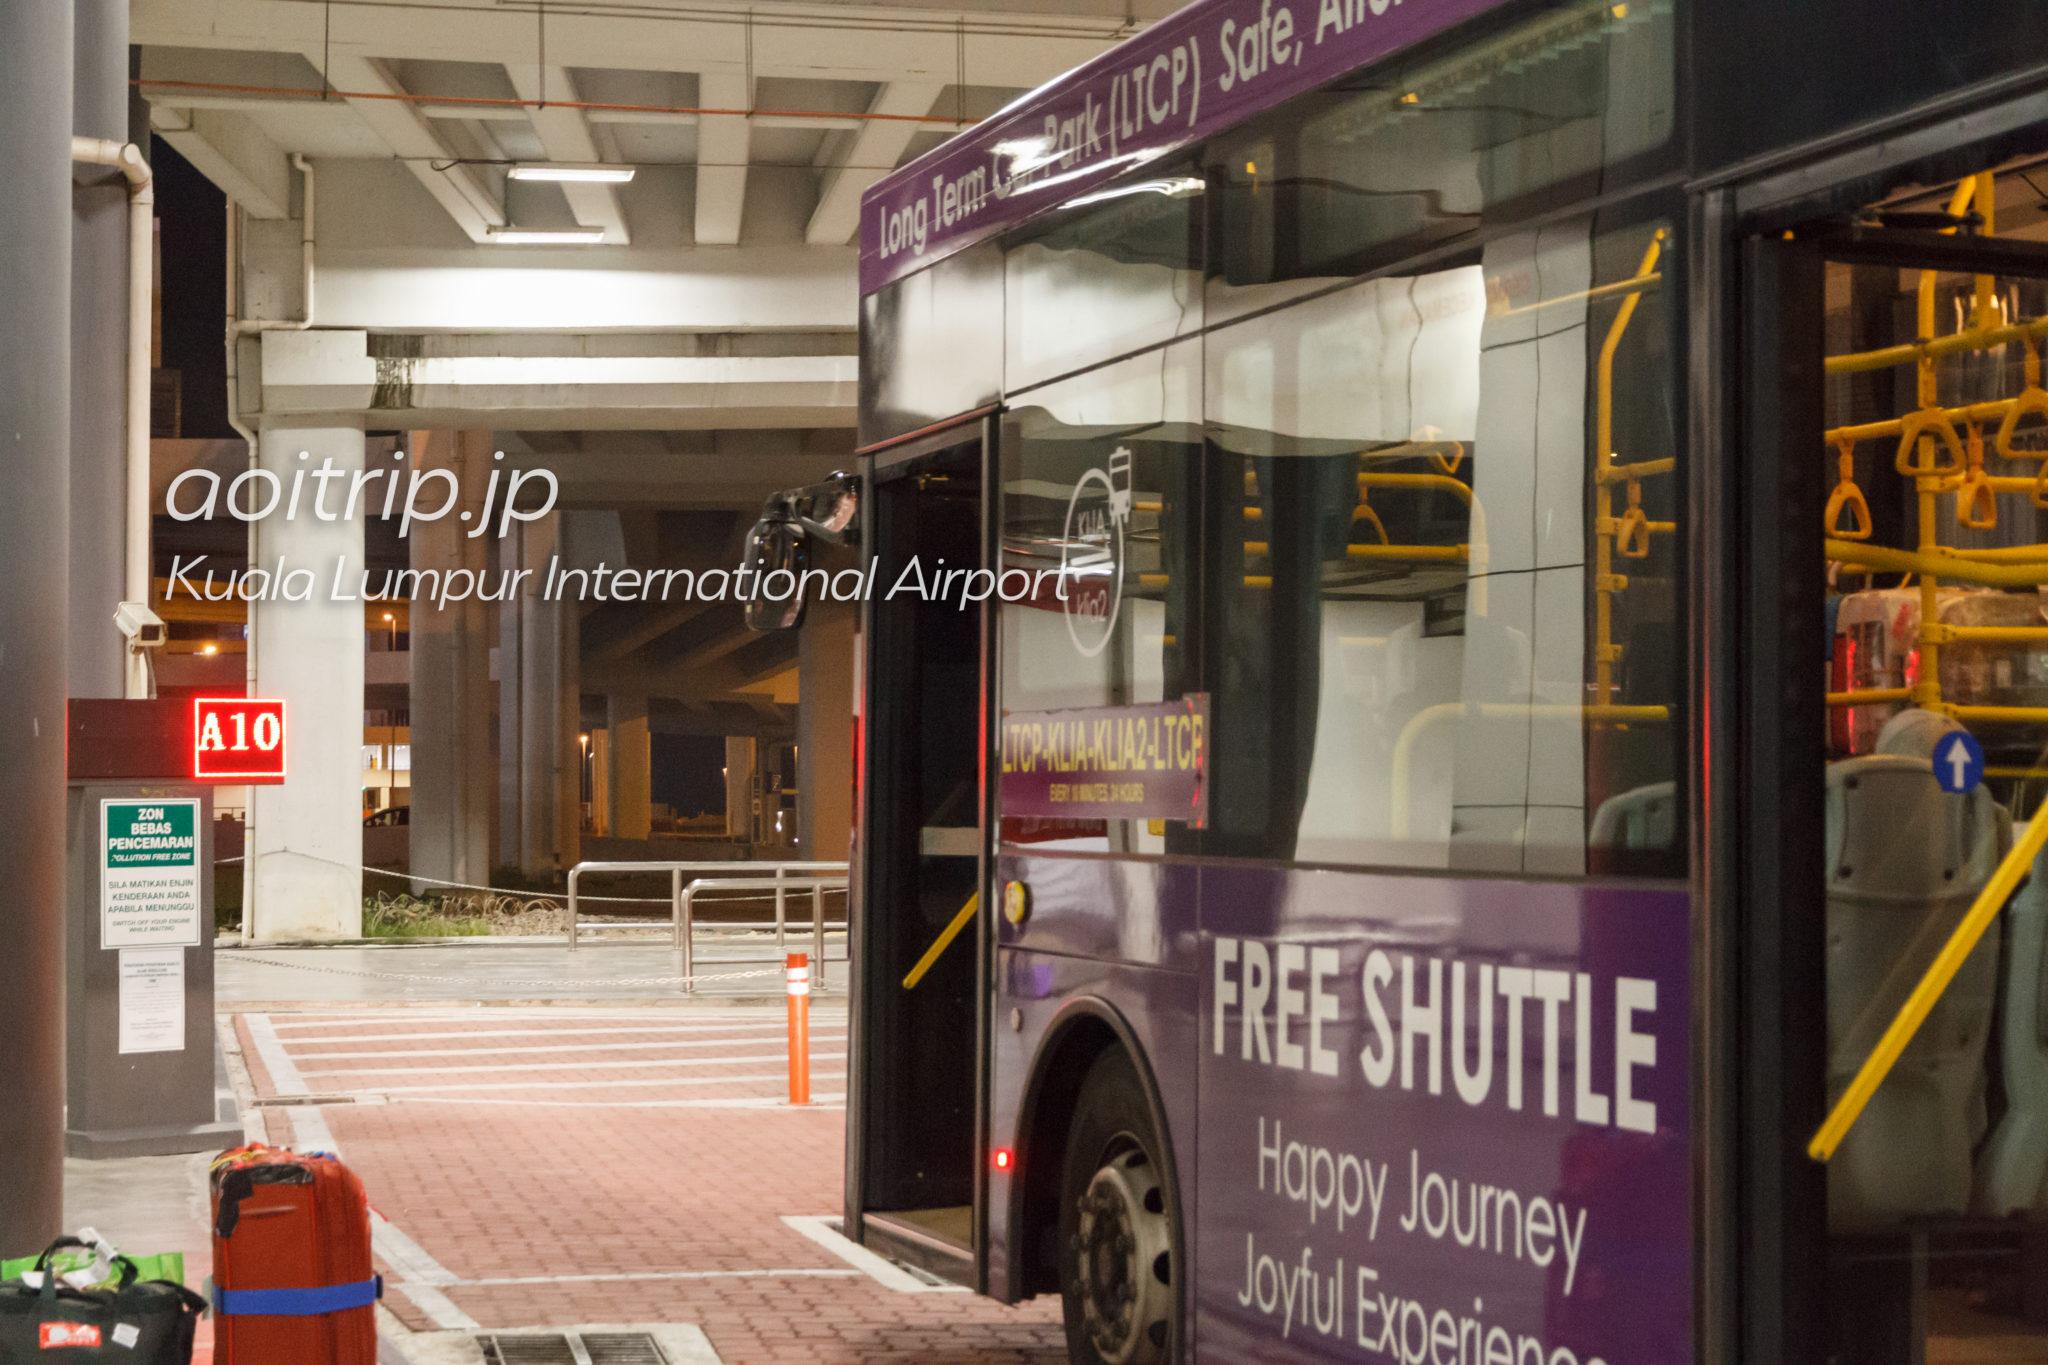 クアラルンプール国際空港ターミナル2にあるターミナル1行きシャトルバス乗り場